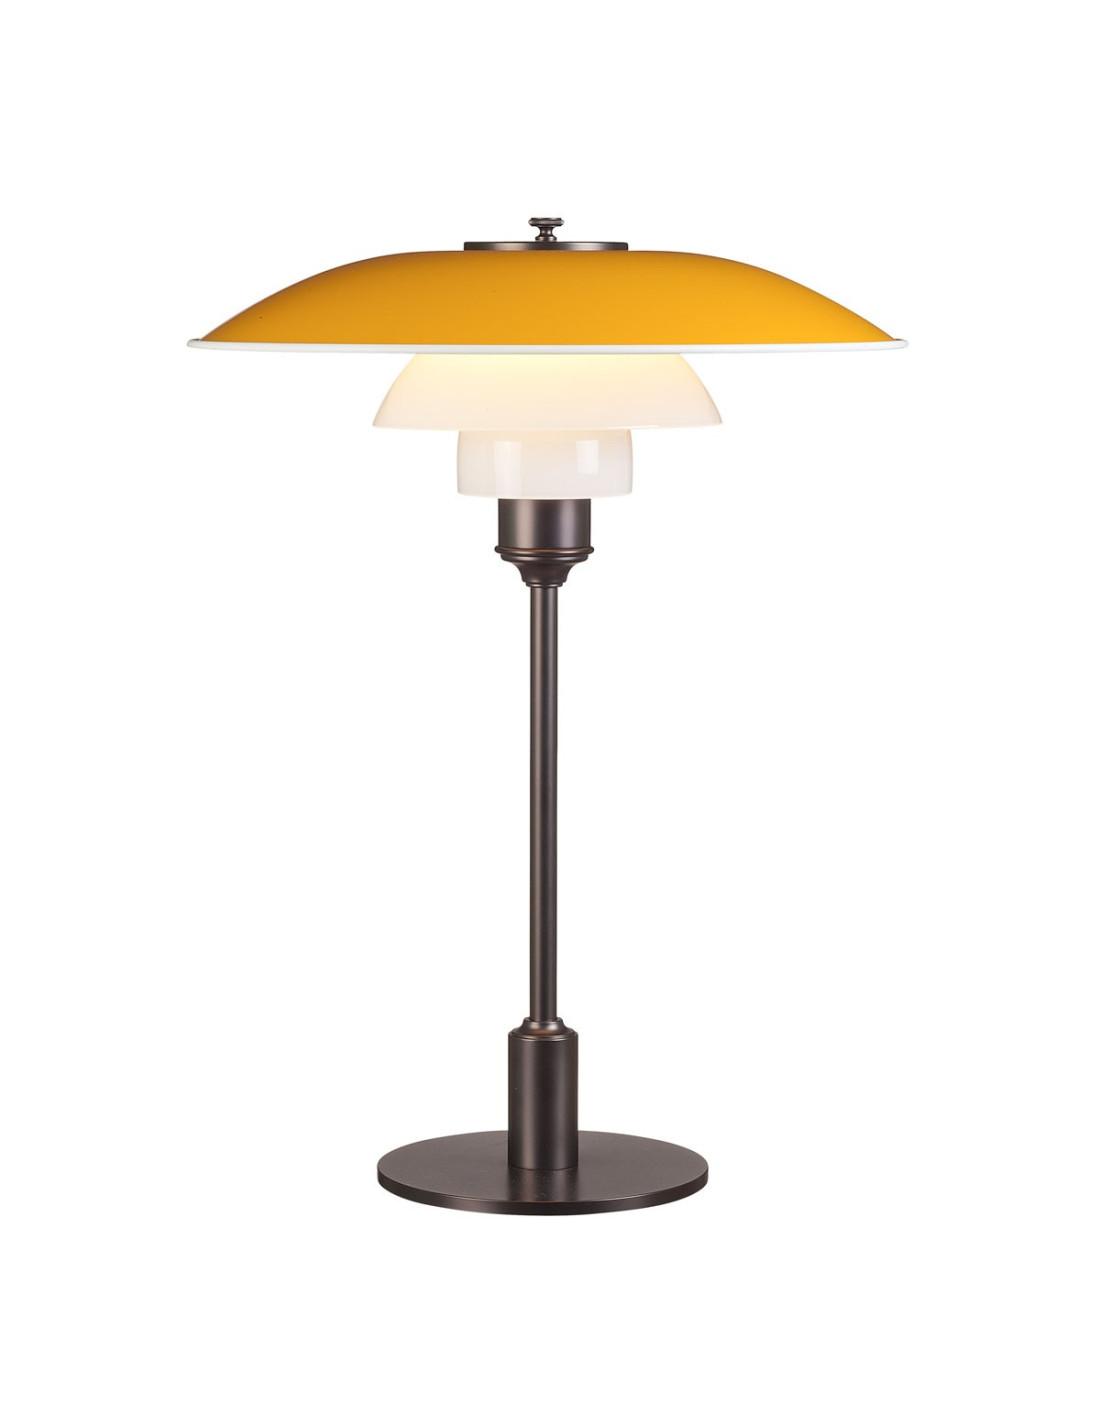 lampe de table ph 3 1 2 1 2 poul henningsen louis poulsen. Black Bedroom Furniture Sets. Home Design Ideas